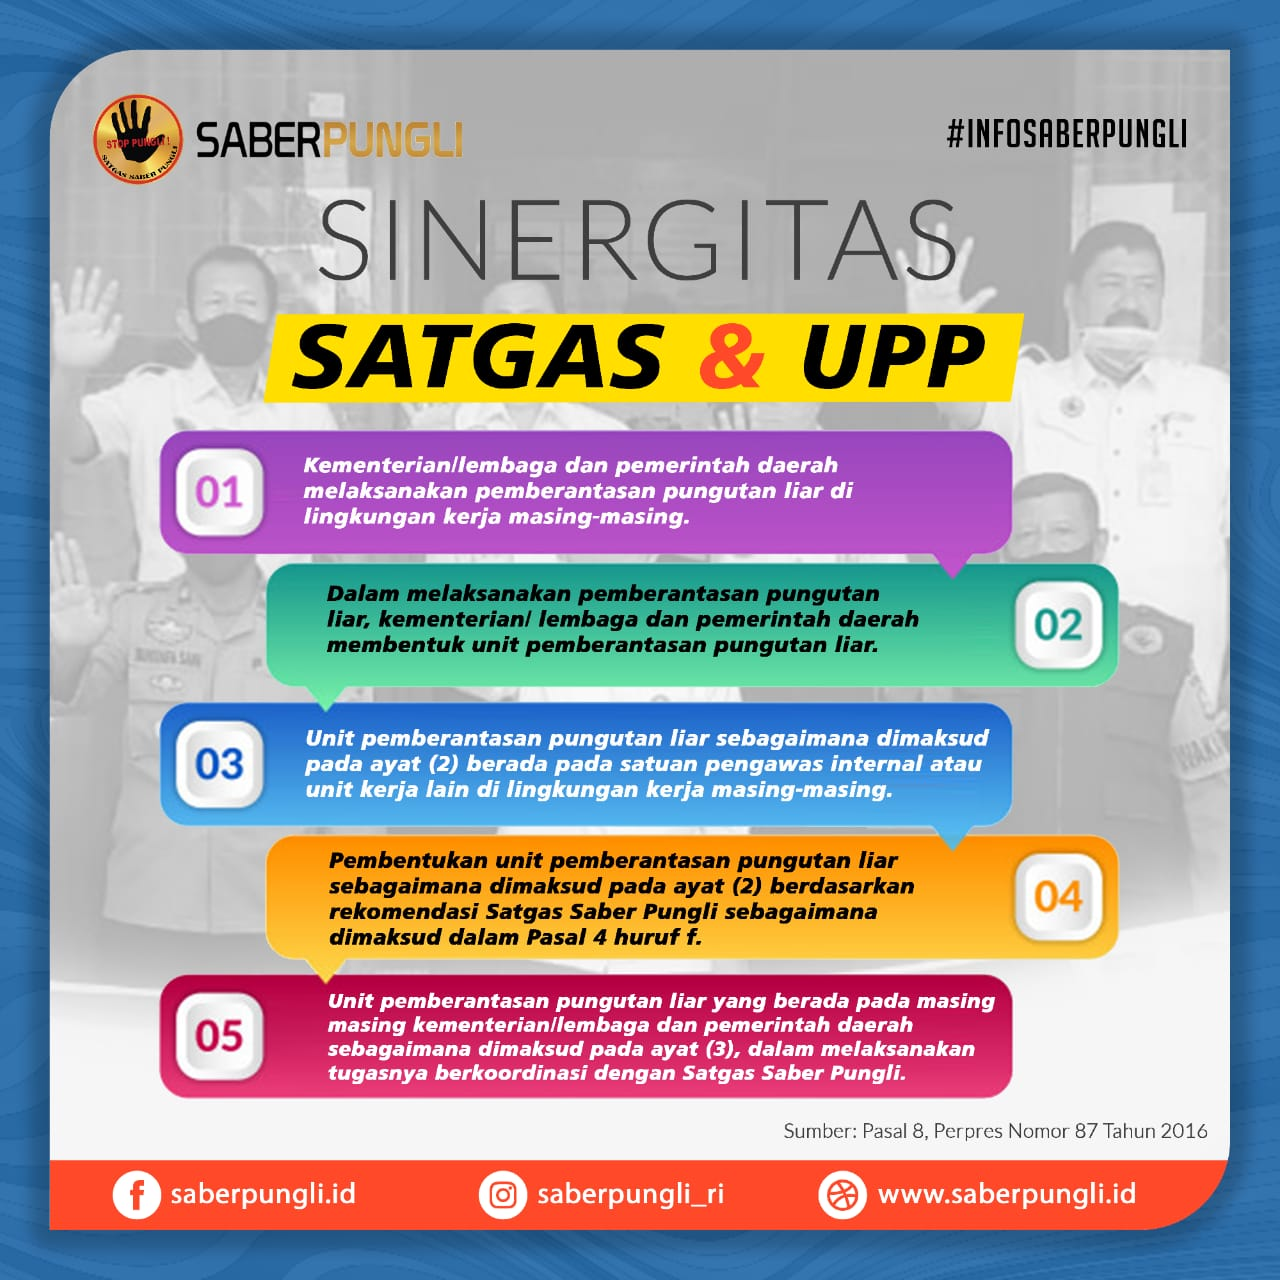 11 - SINERGITAS SATGASA SABER PUNGLI